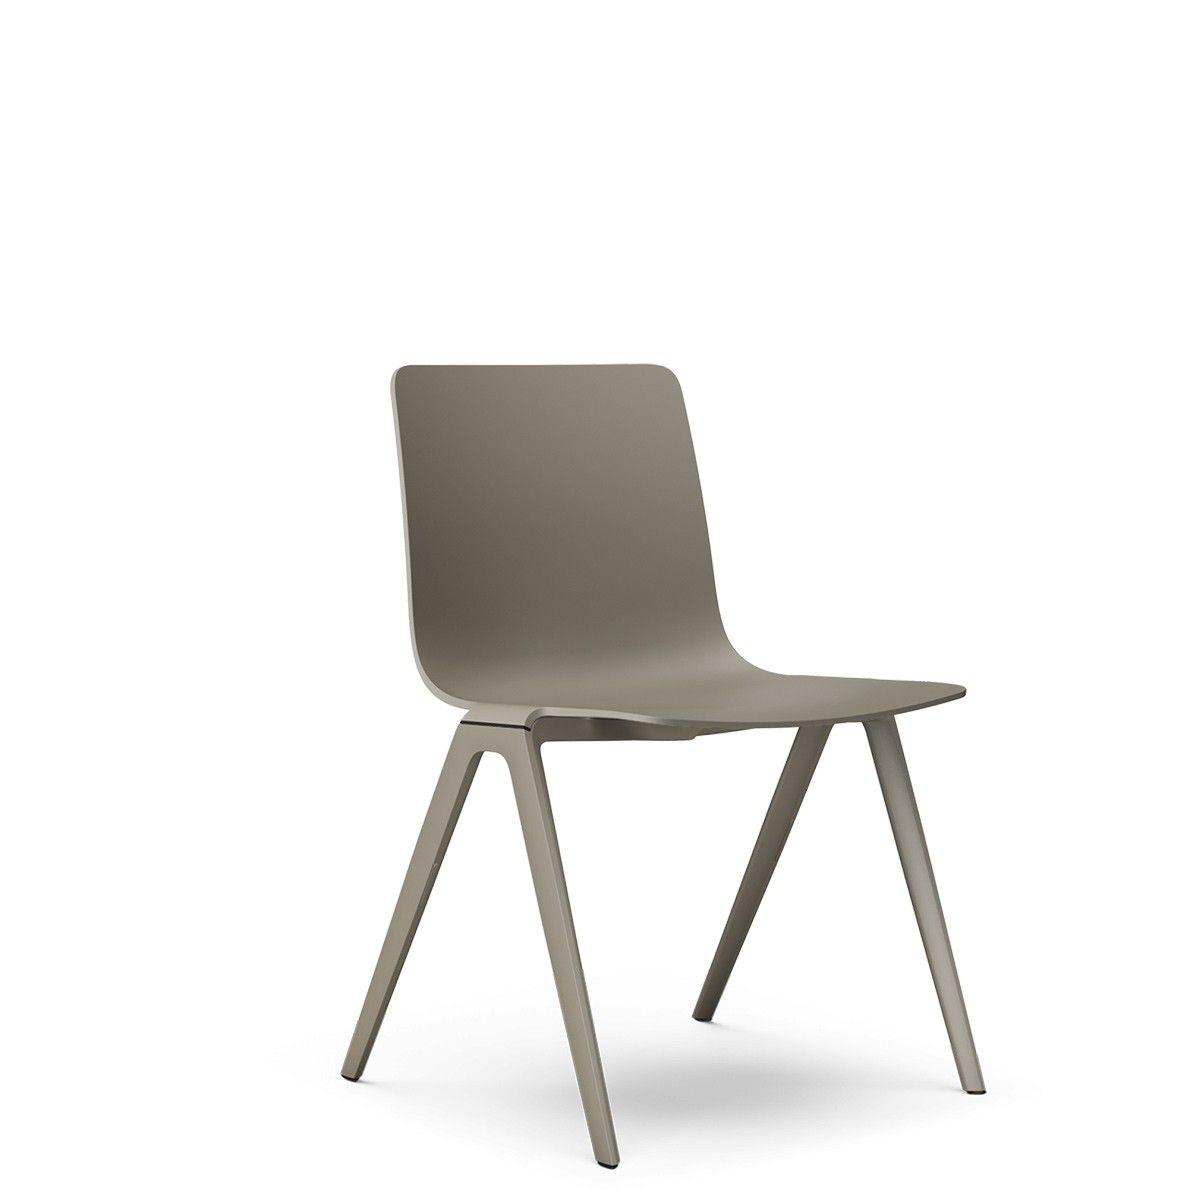 Brunner A-chair Stapelstuhl | BB_SEAT | Pinterest